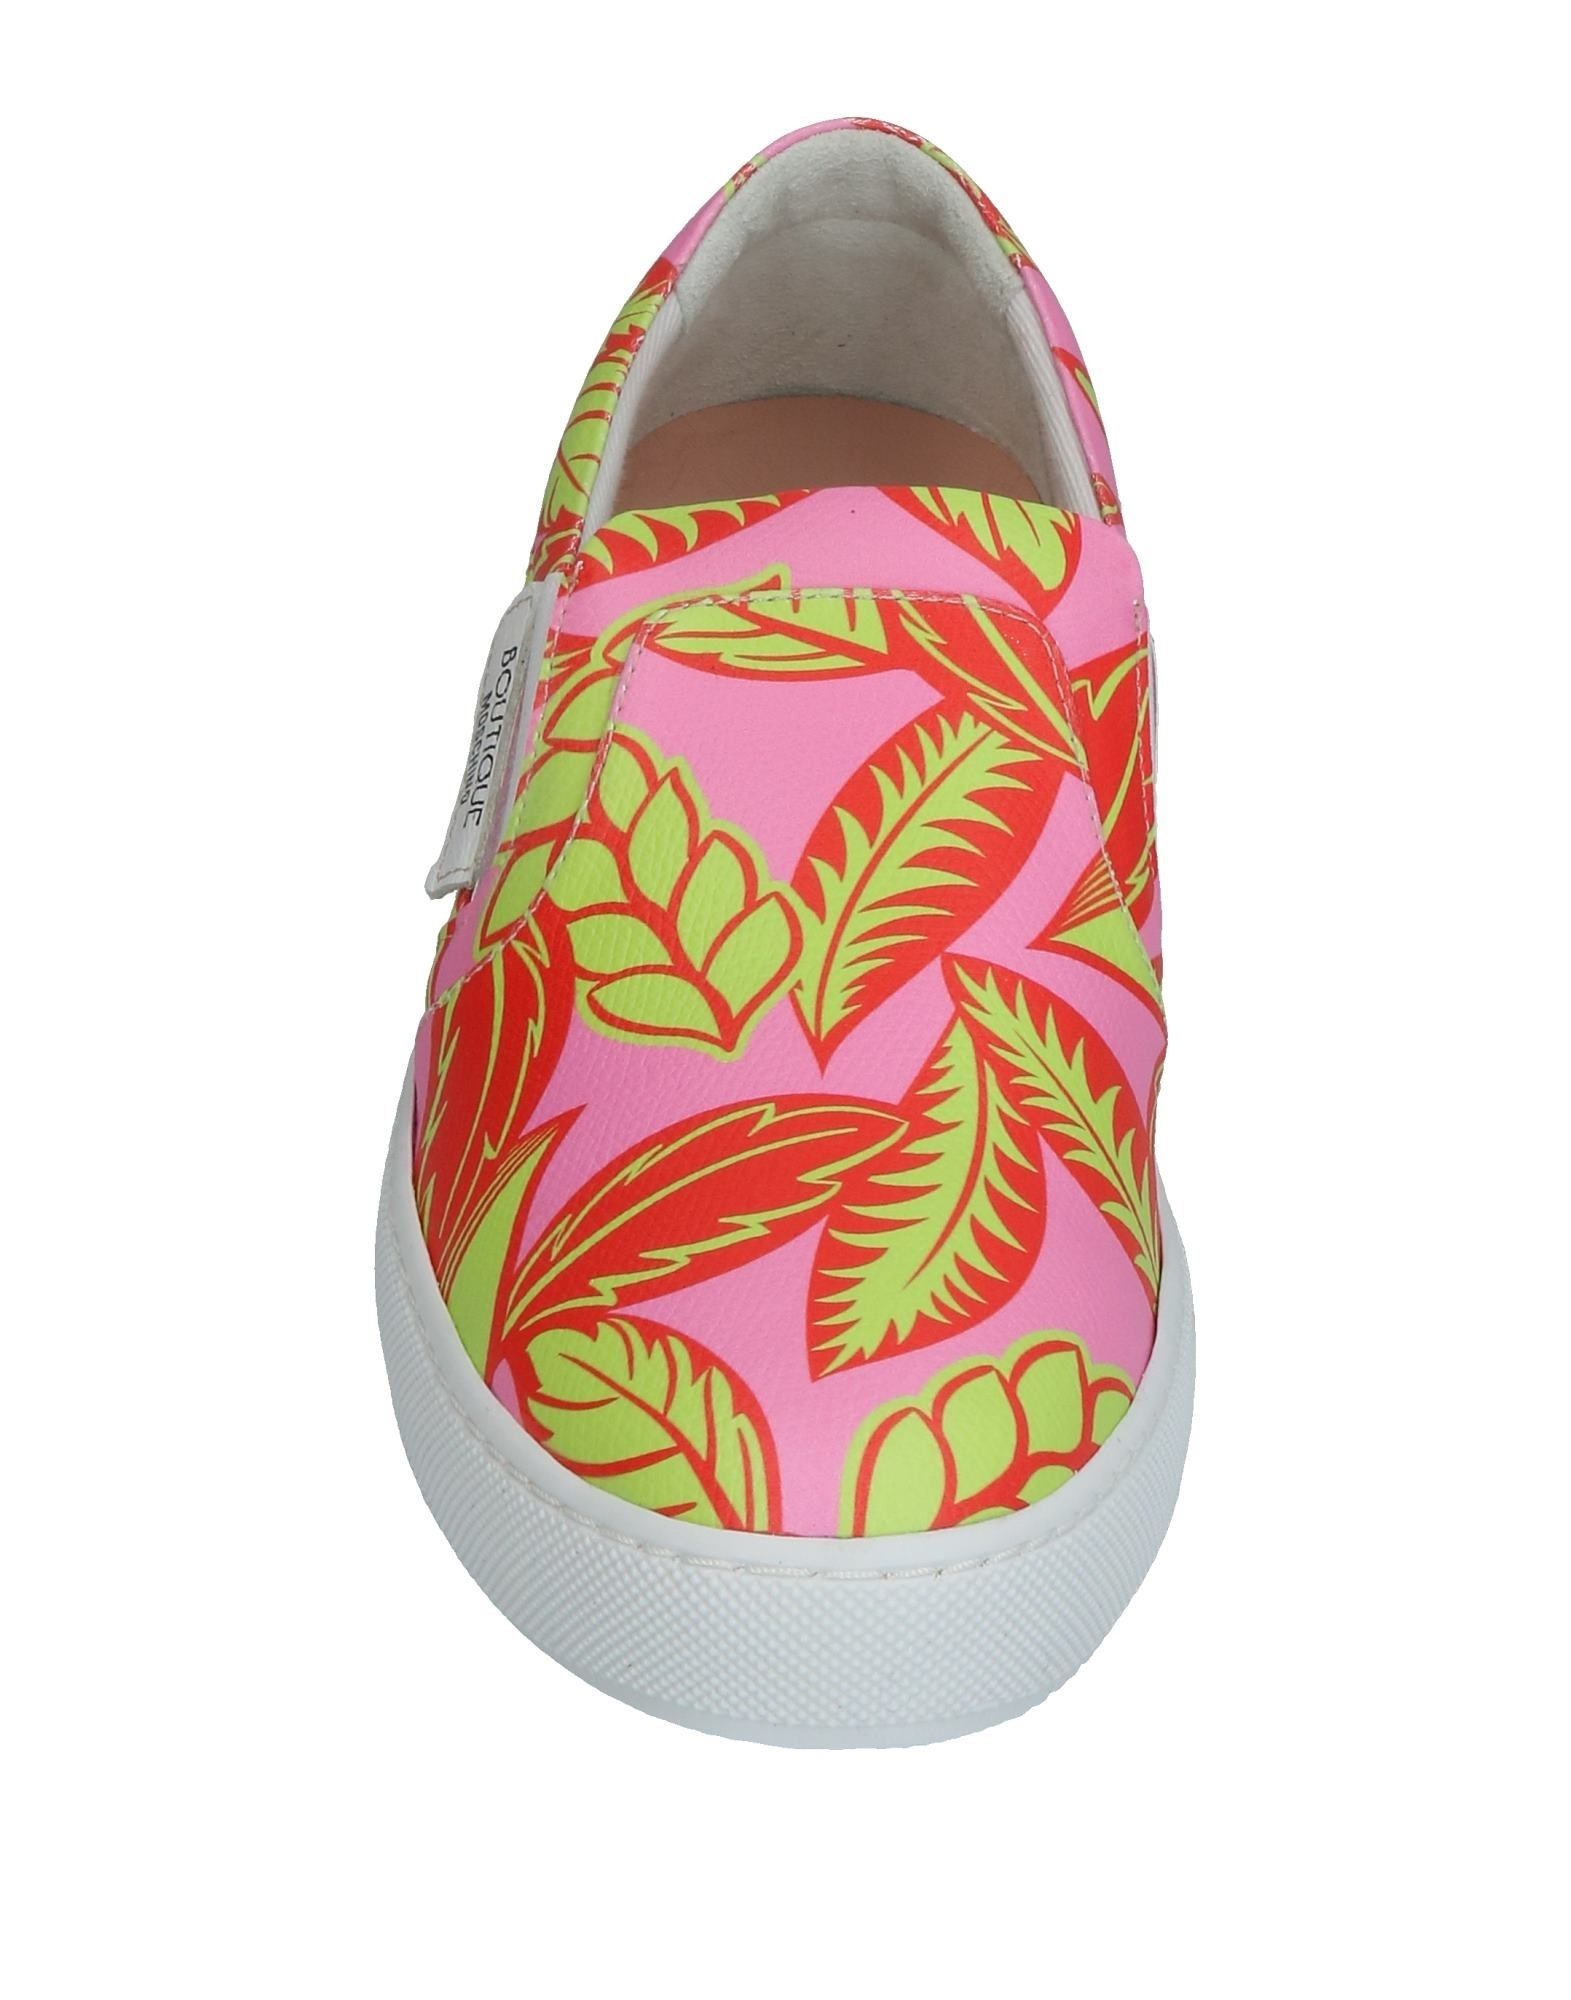 Boutique Moschino Sneakers Damen   11326640VX 62439e